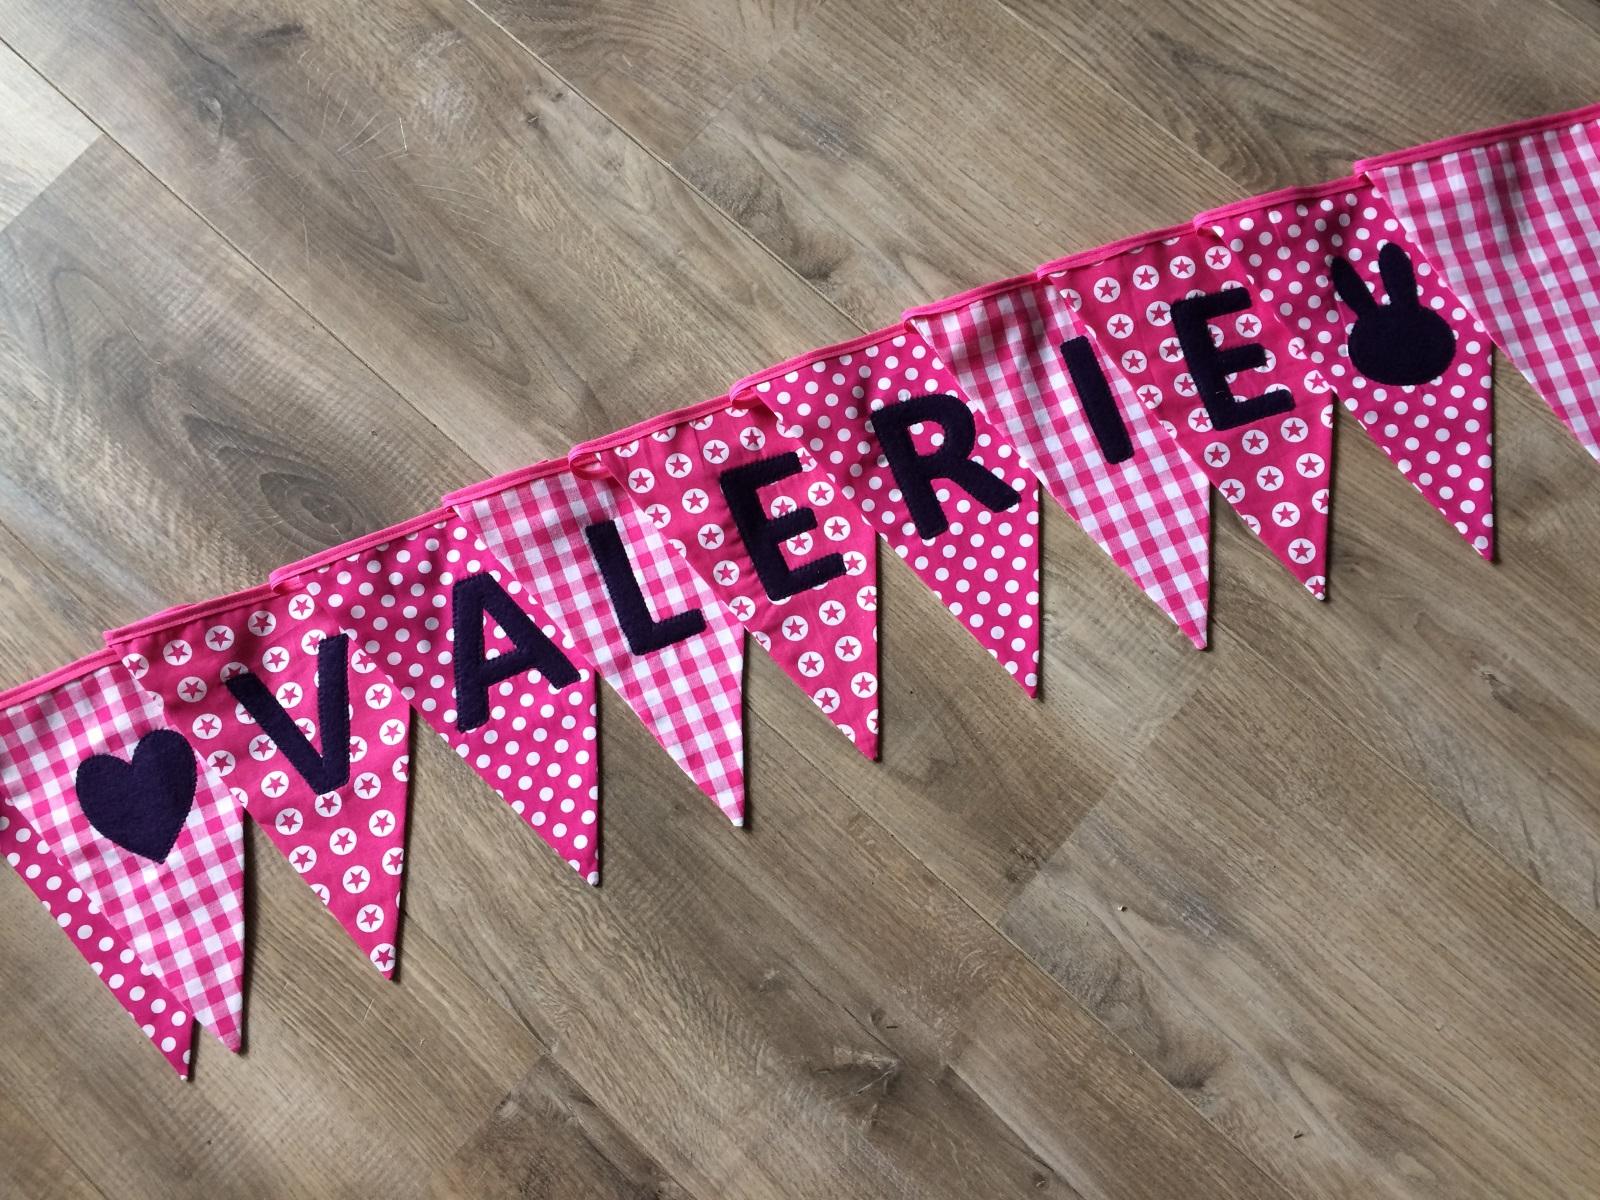 Slinger Valerie2